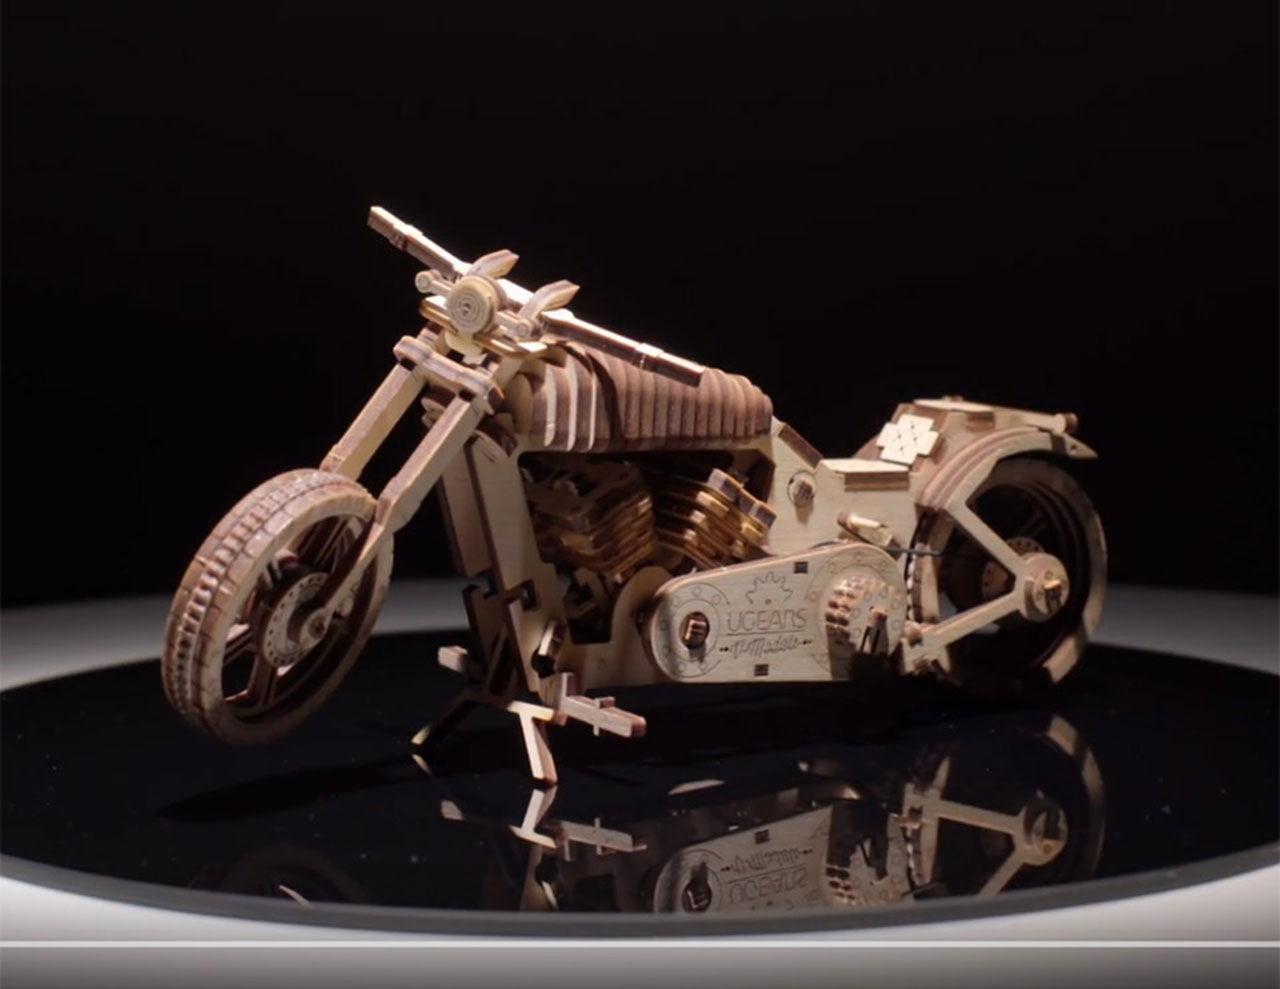 Motorcykelmodell i trä